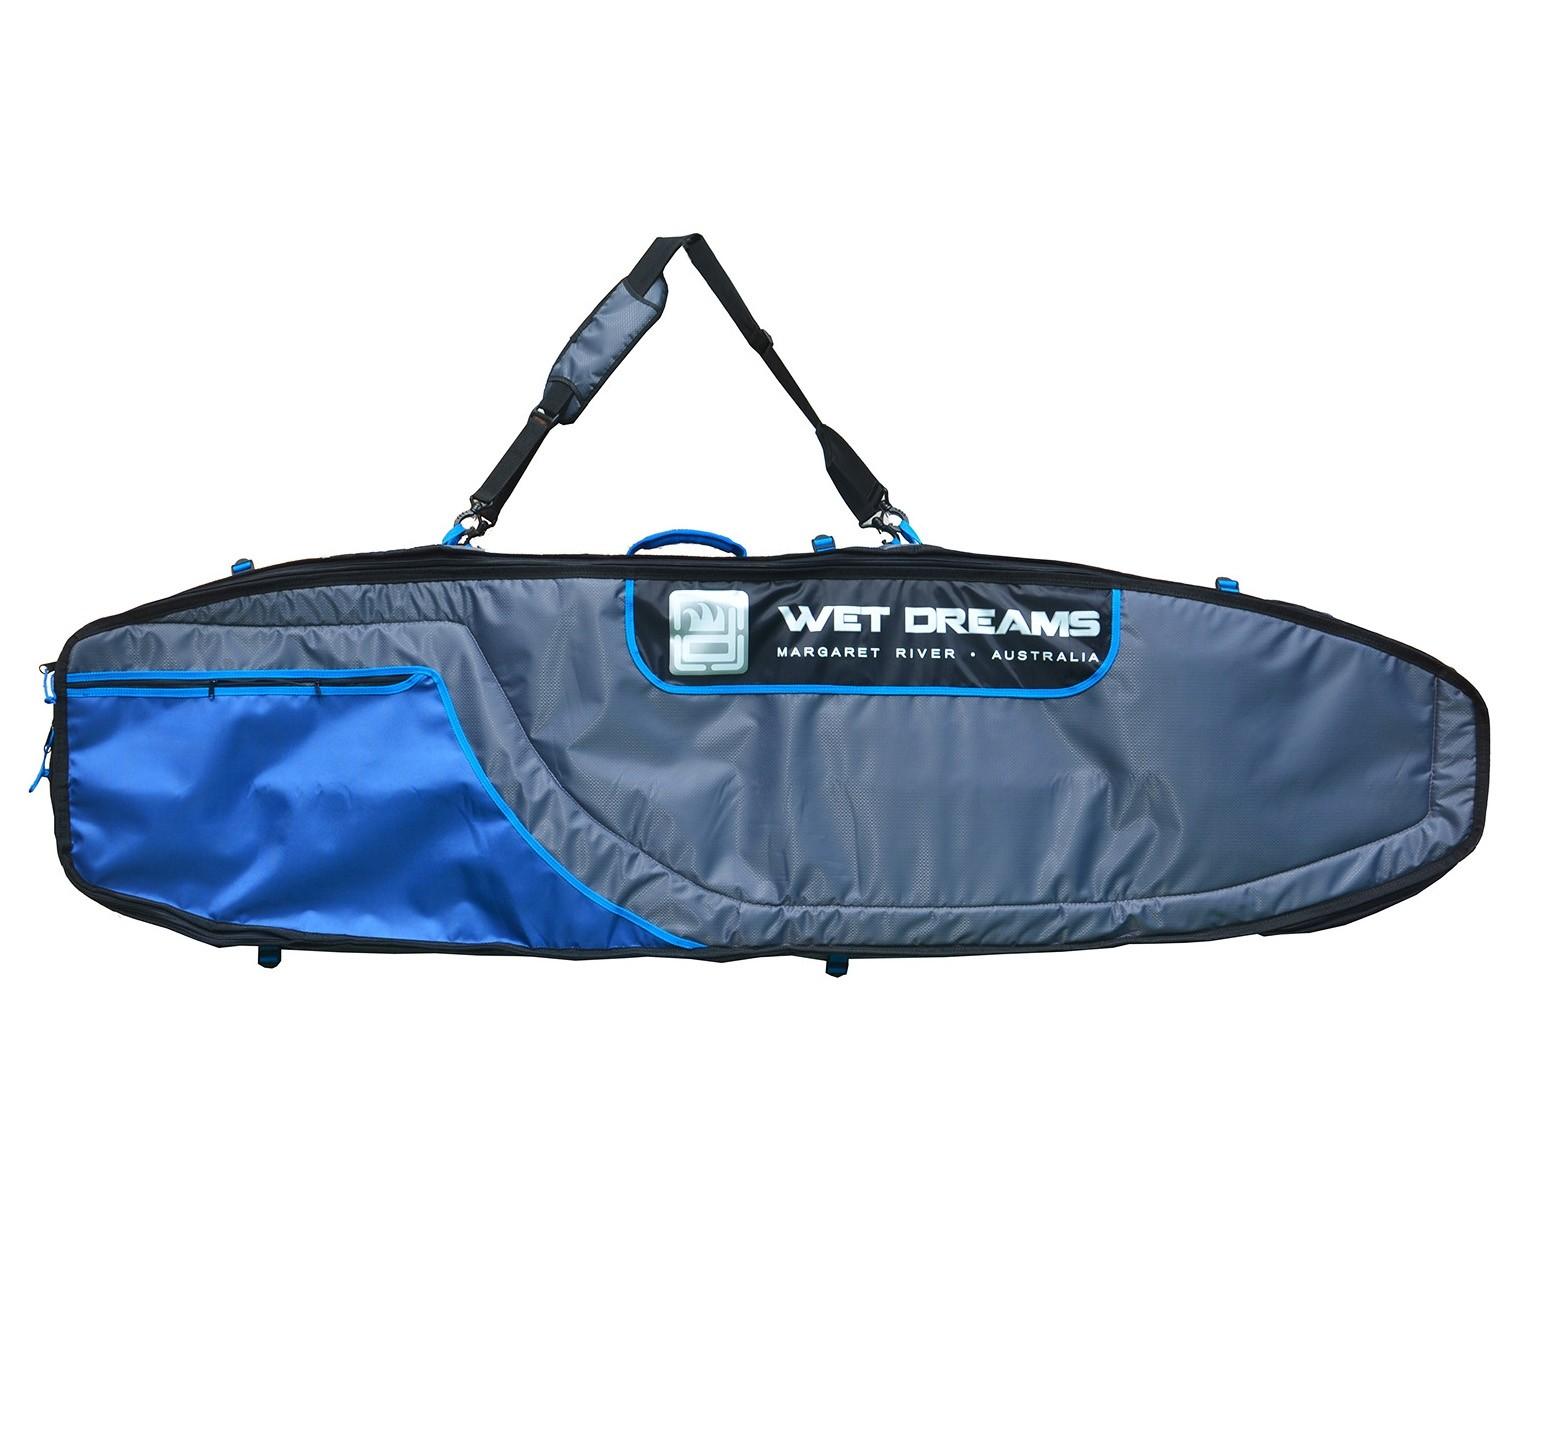 Sarcófago para 4 pranchas de Surf 7'4'' - 2,25m - Wet Dreams | Prancharia